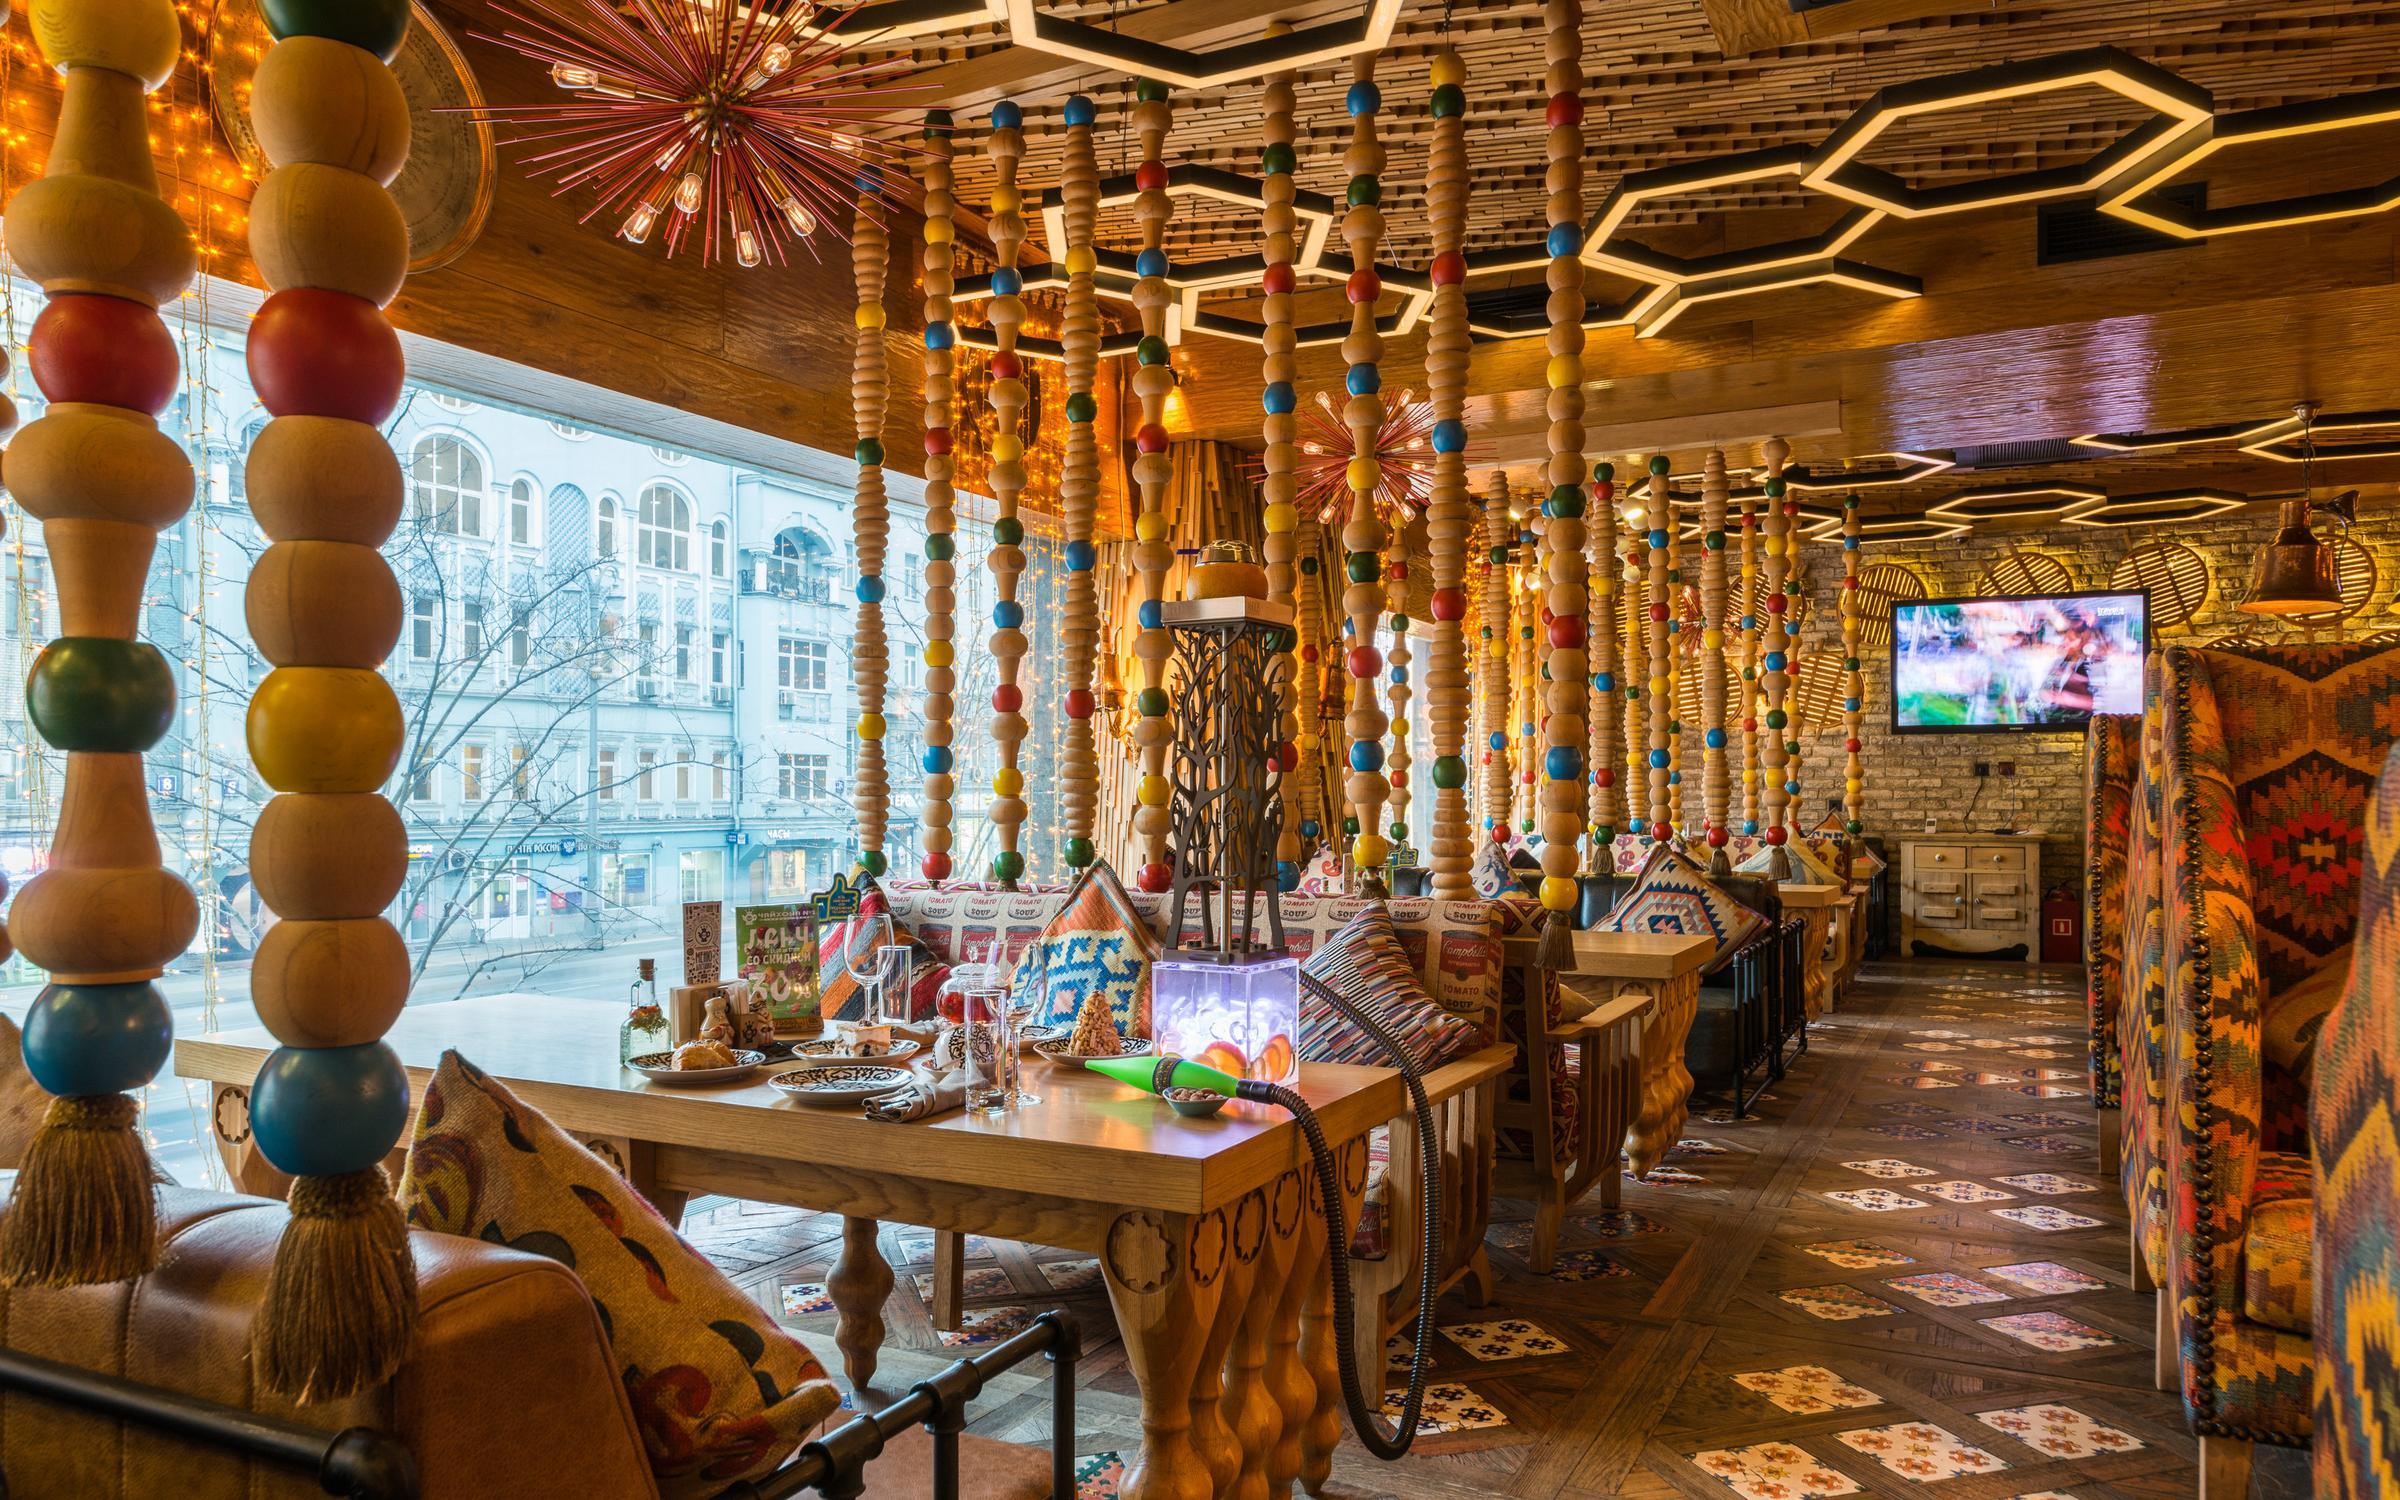 фотография Ресторана Чайхона №1 Тимура Ланского на 1-й Тверской-Ямской улице